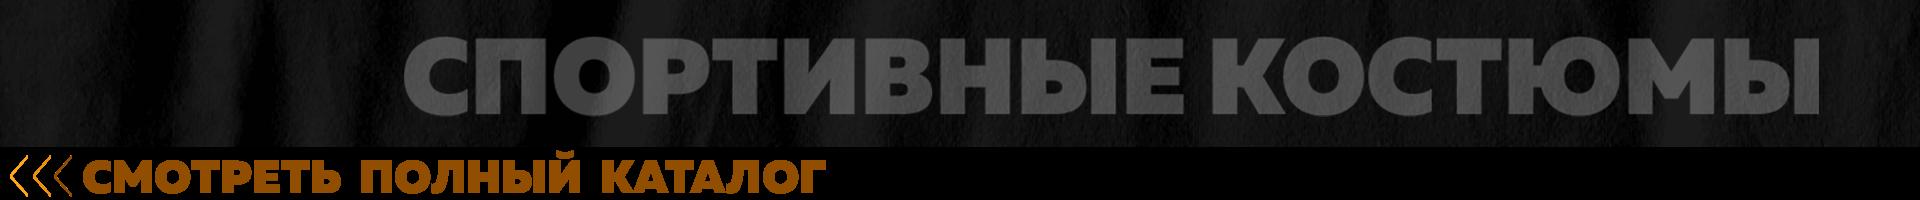 Перейти из магазина мужских спортивных костюмов Барнаул в полный каталог.